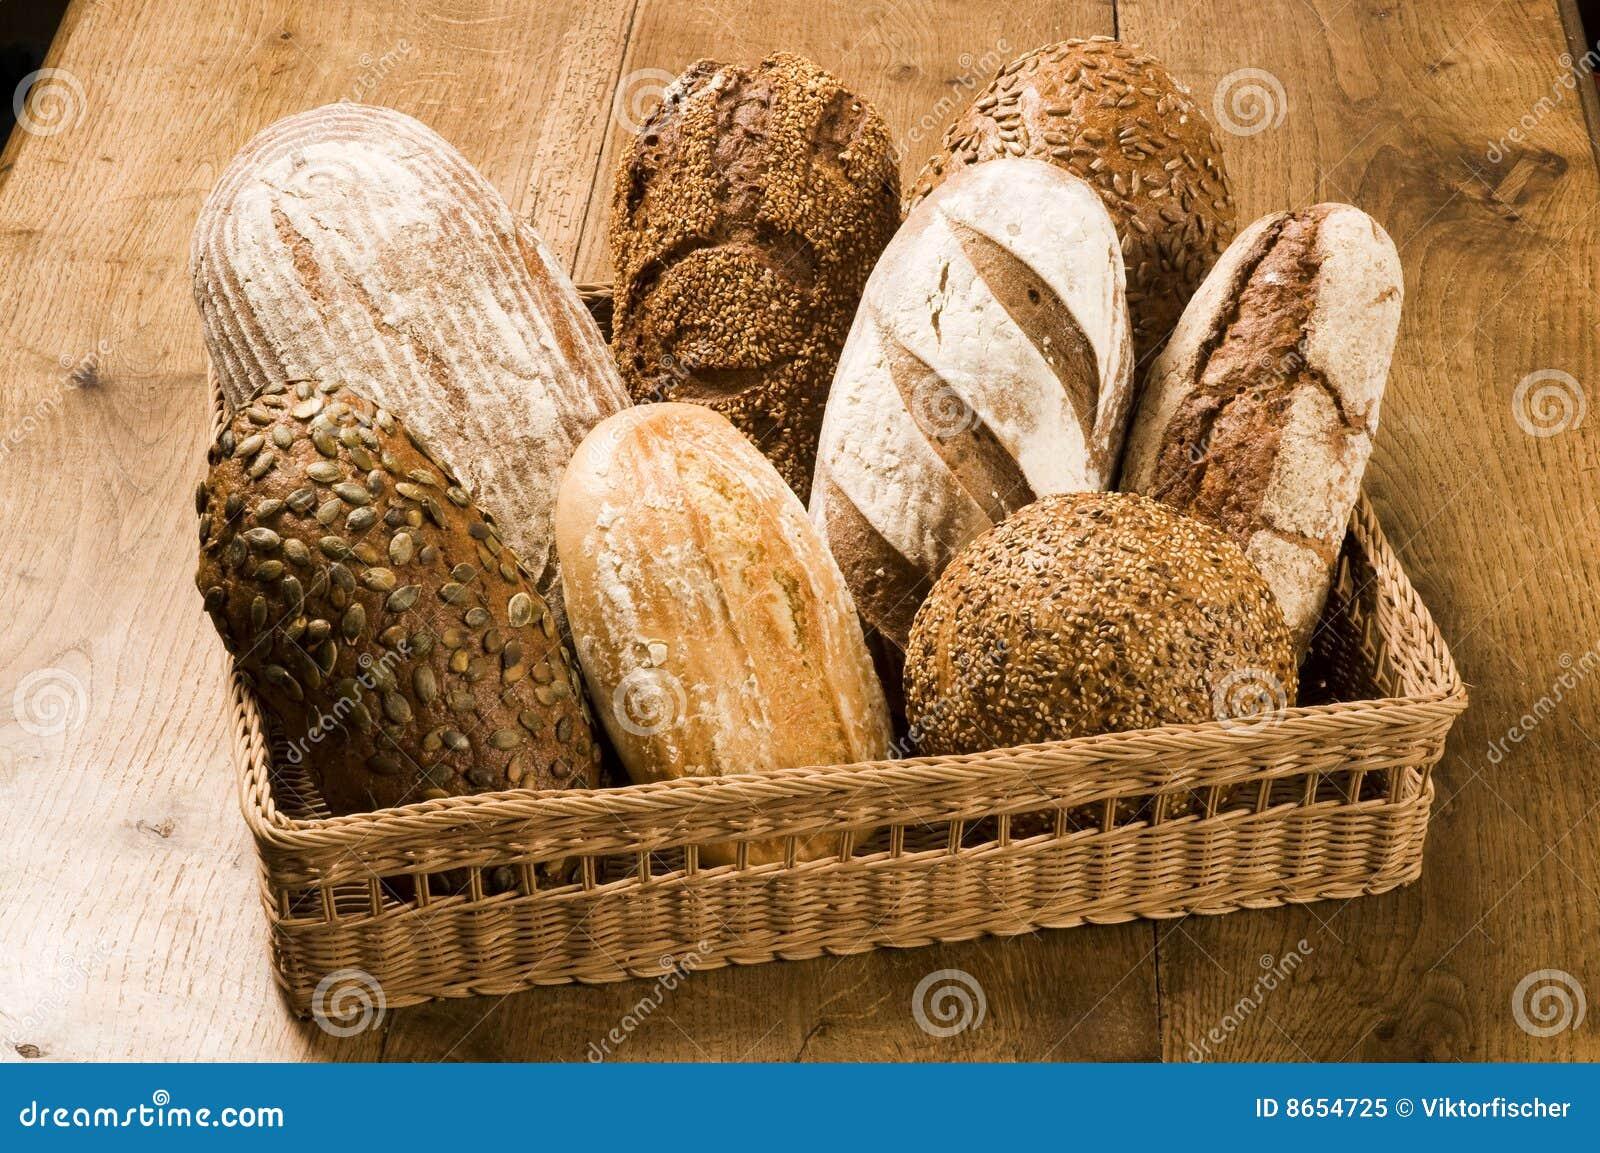 Divers types de pain brun